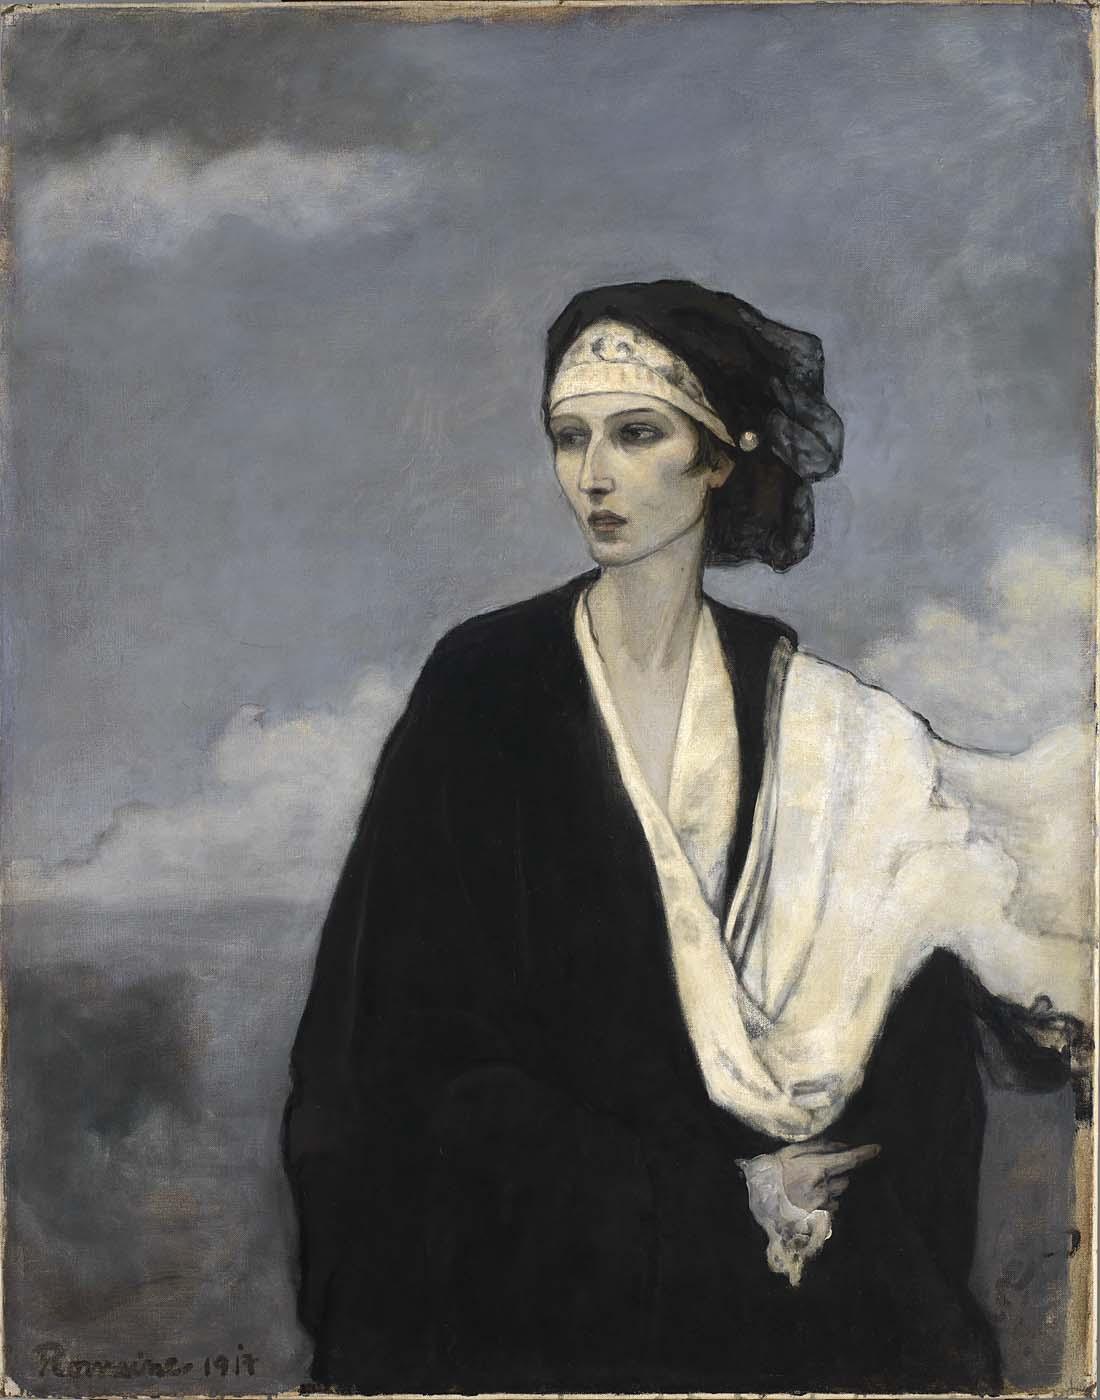 Romaine Brooks - Ida Rubisntein, 1917 - Smithsonian American Art Museum